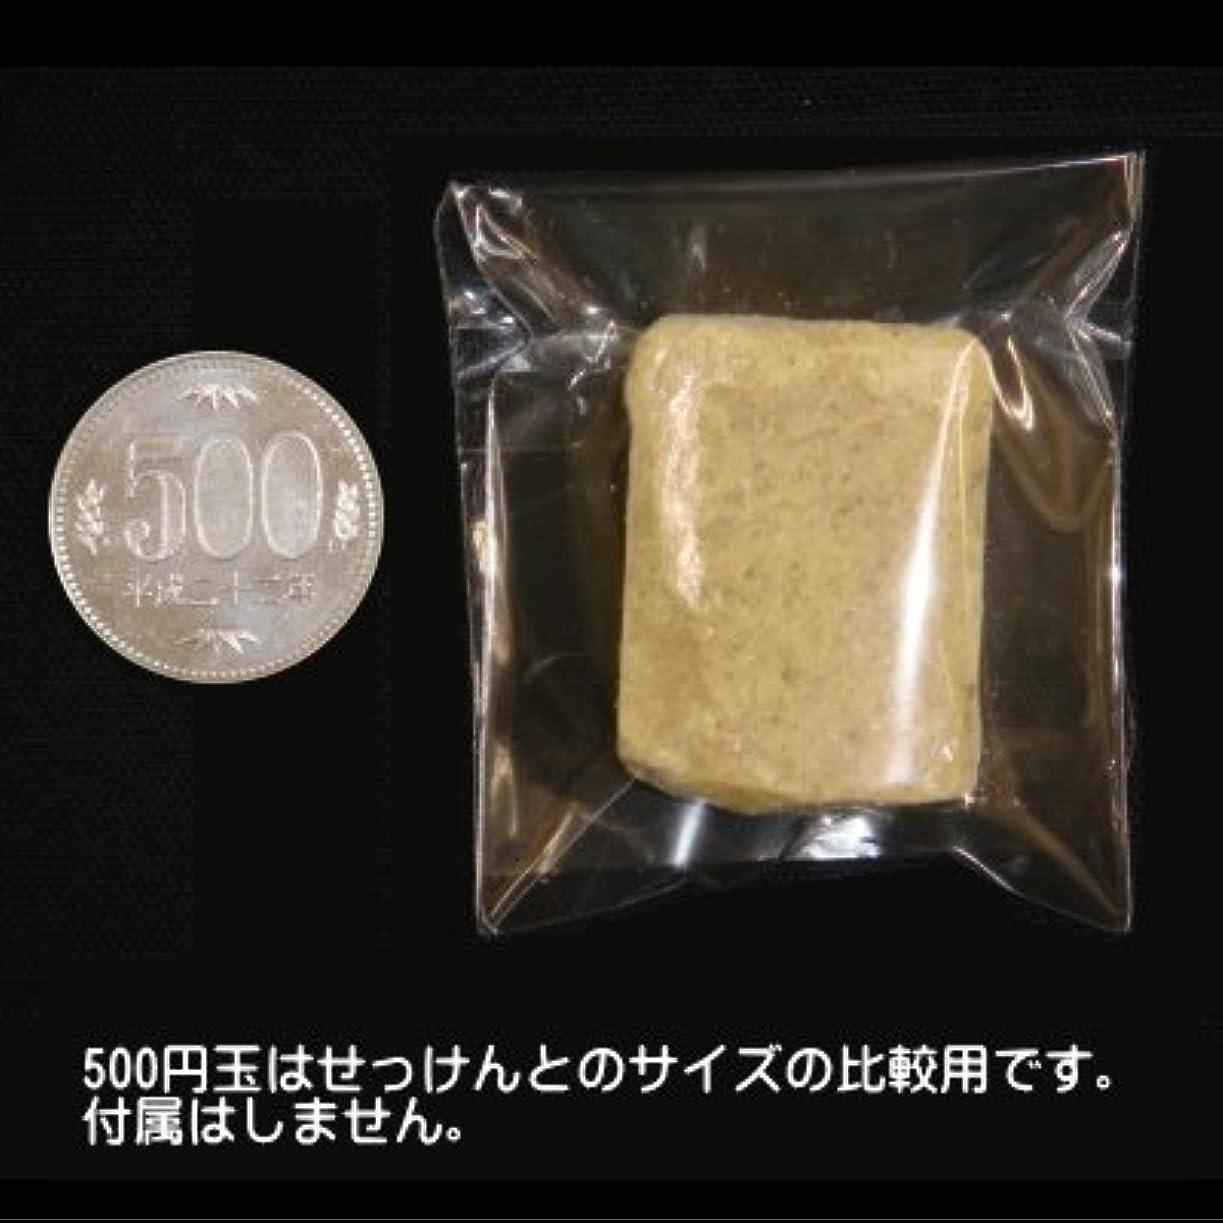 評判レパートリー入場料緑茶ノニ石鹸 てづくり野にせっけんお試し用12g(無添加石鹸)